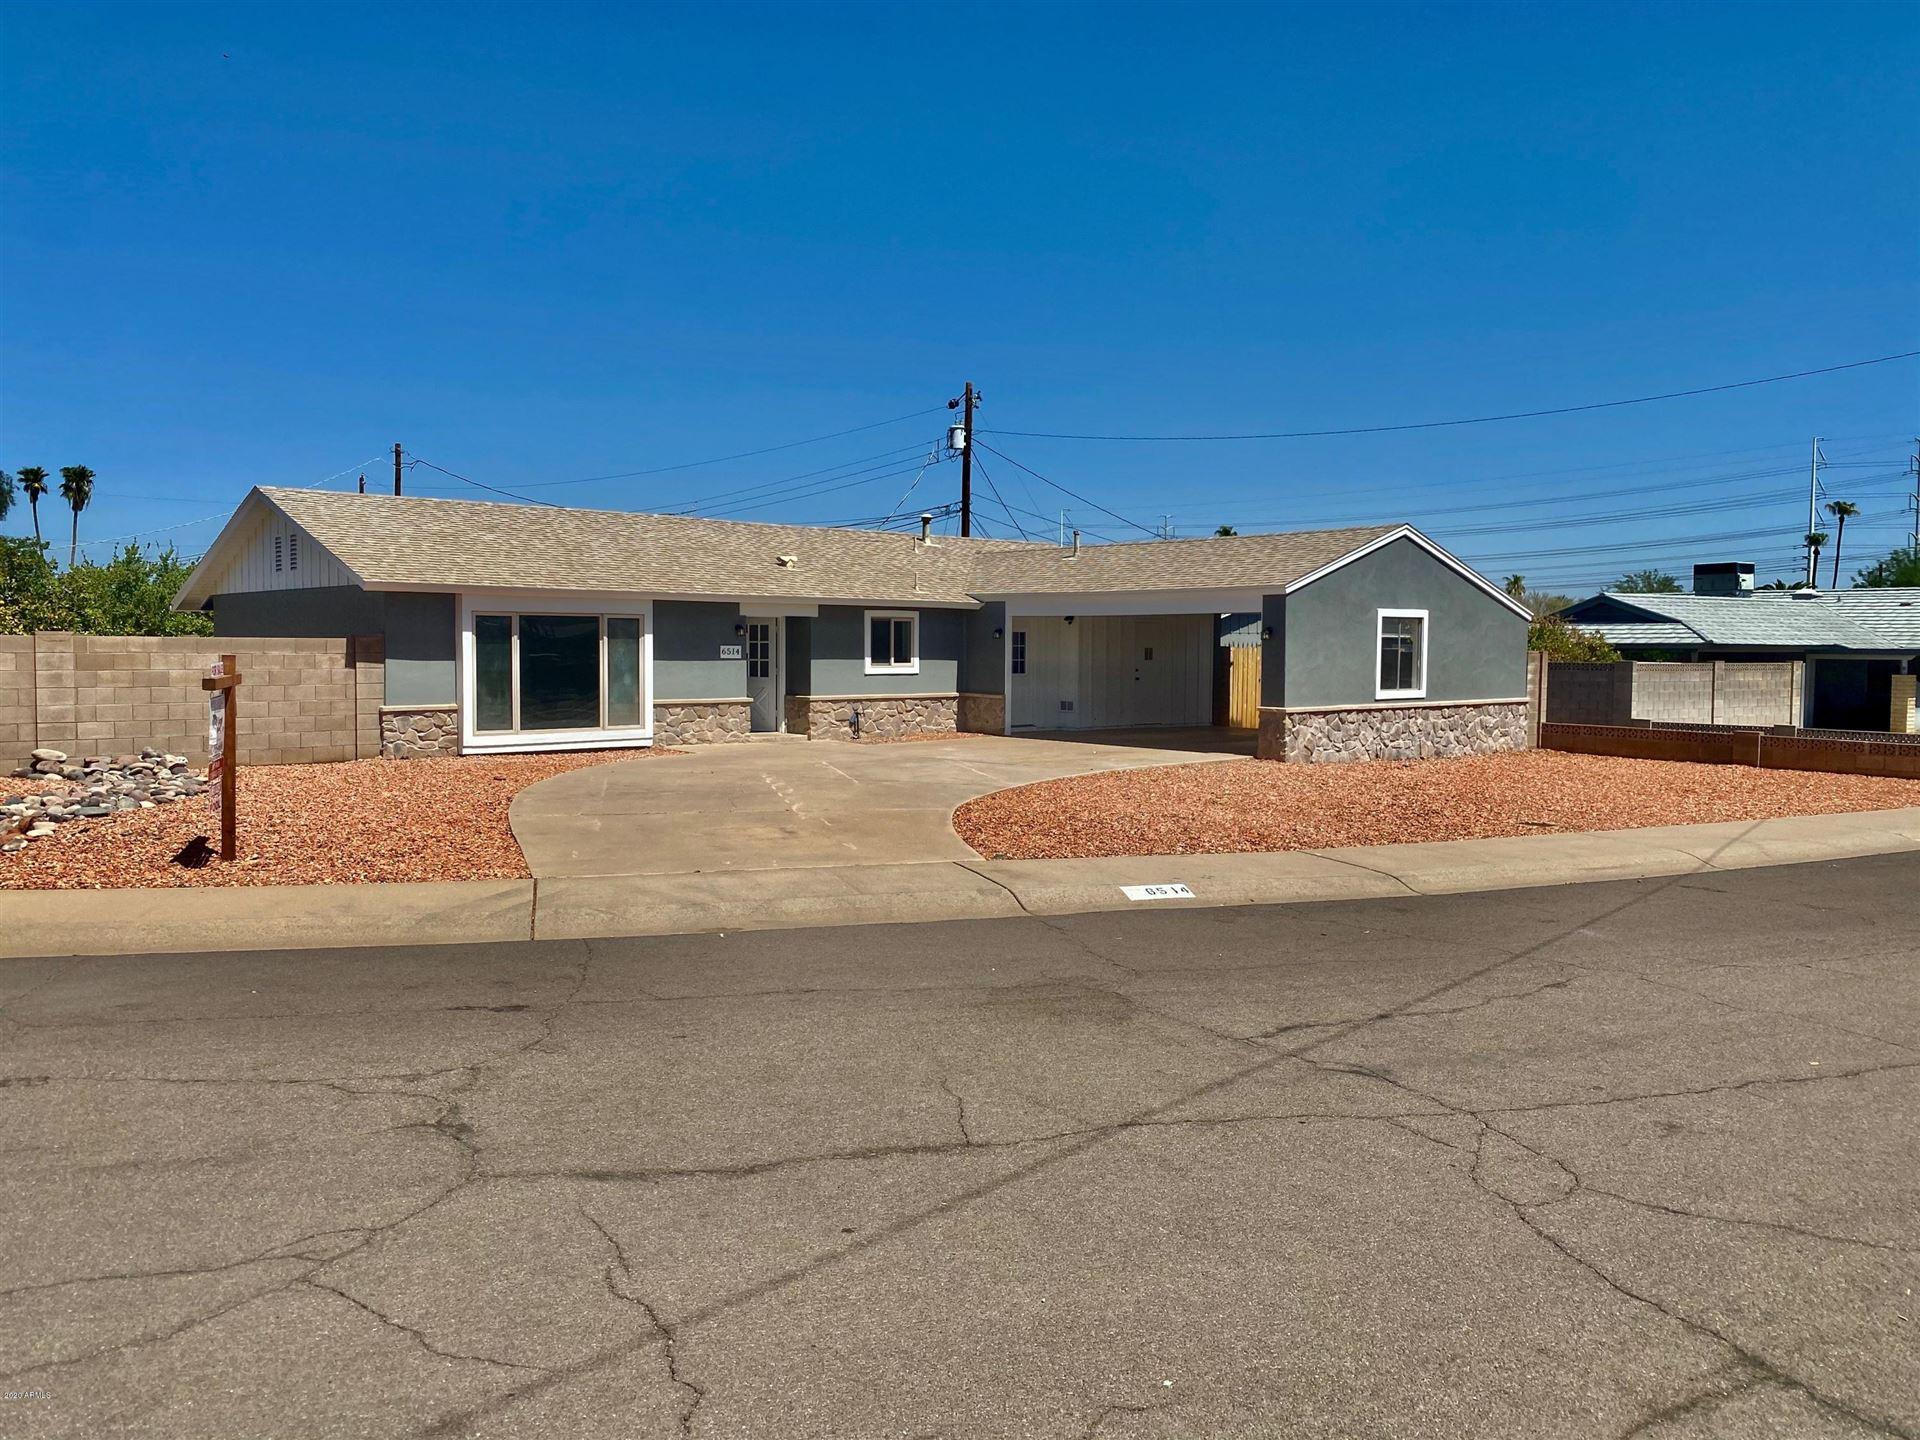 6514 E Palm Lane, Scottsdale, AZ 85257 - MLS#: 6130028